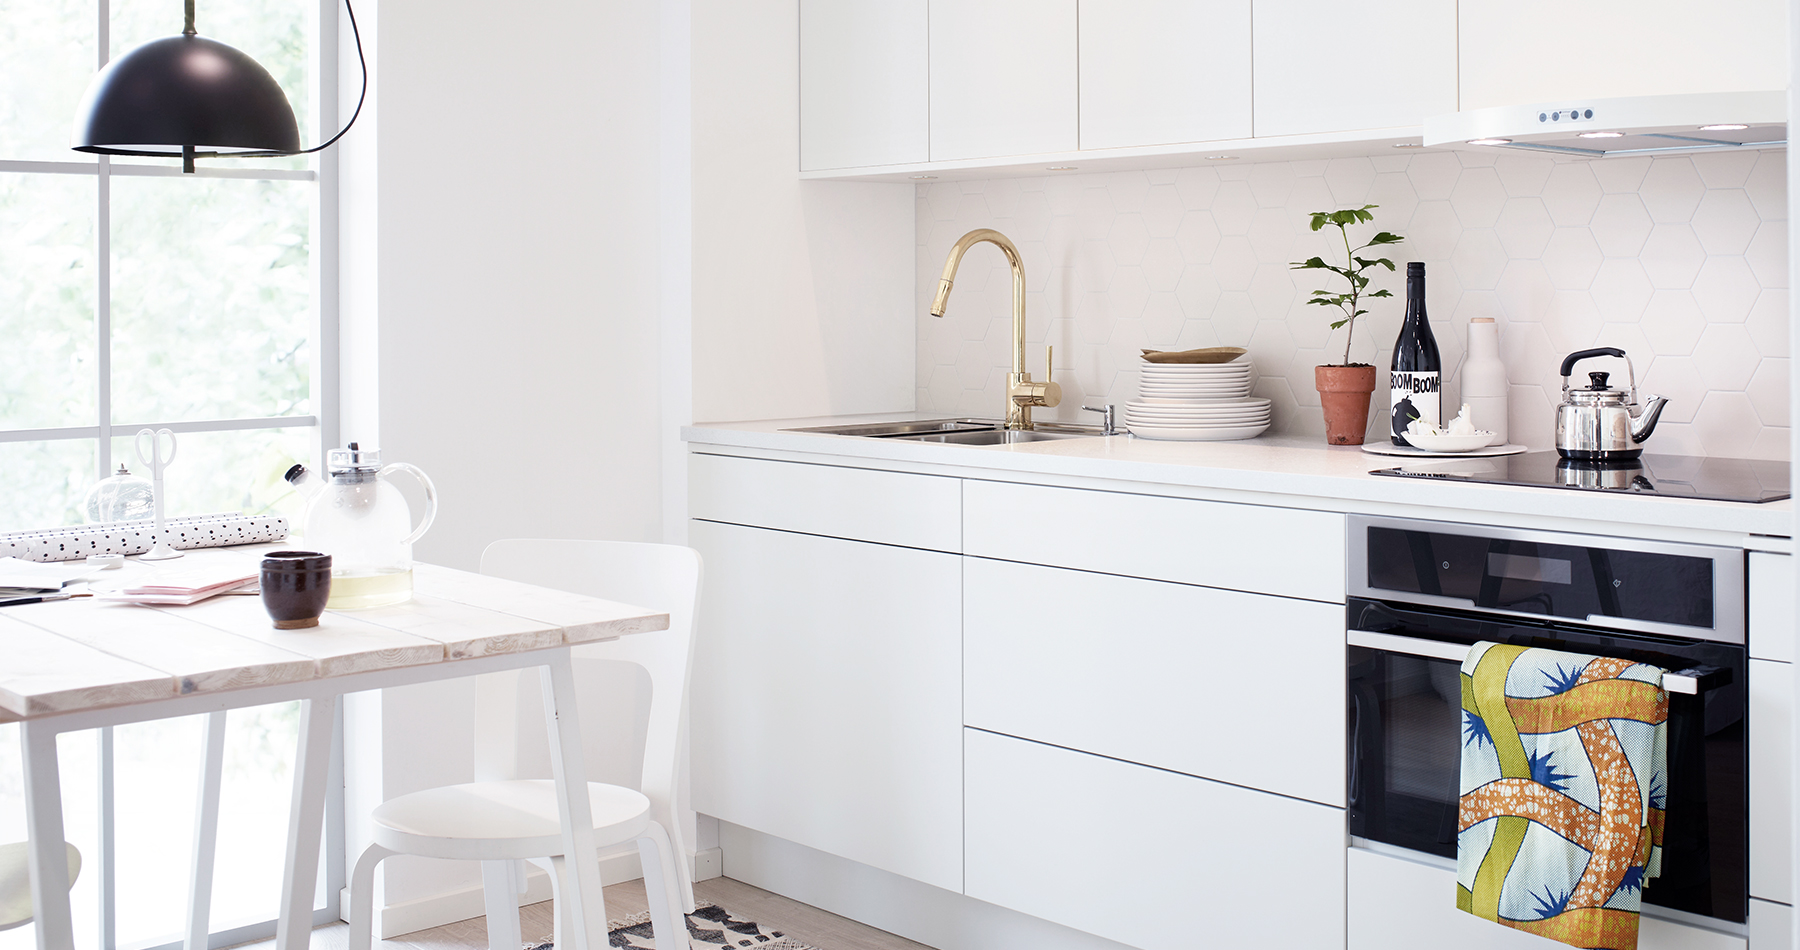 Livet på 30 kvadratmeter - Nytt kök badrum och tvättstuga - Vedum ...